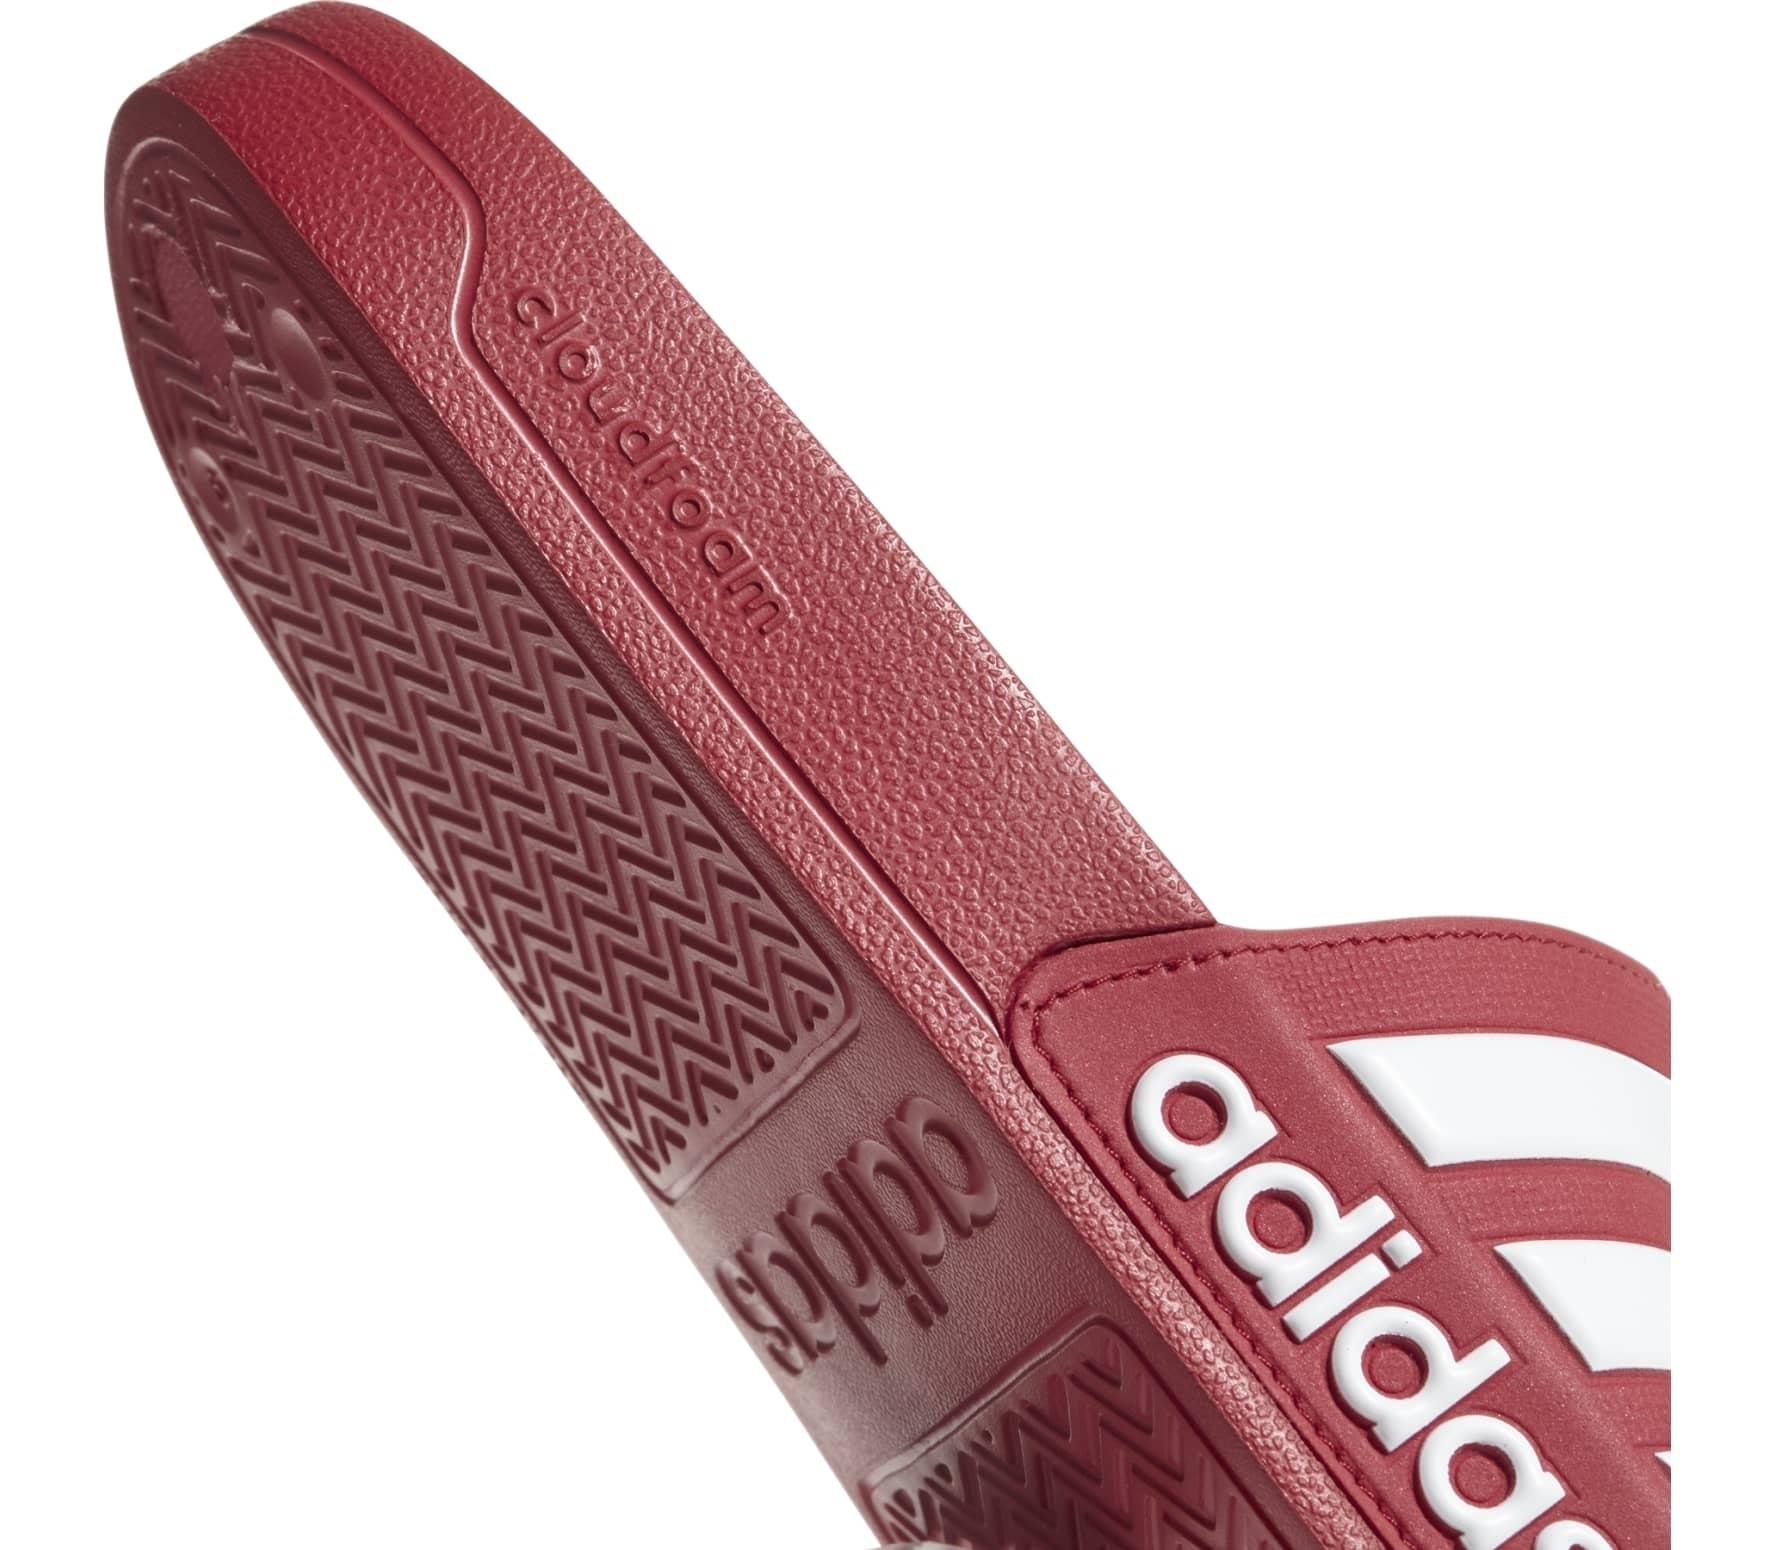 Adidas - Adilette Shower Herren Badeschlappe (rot/weiß)